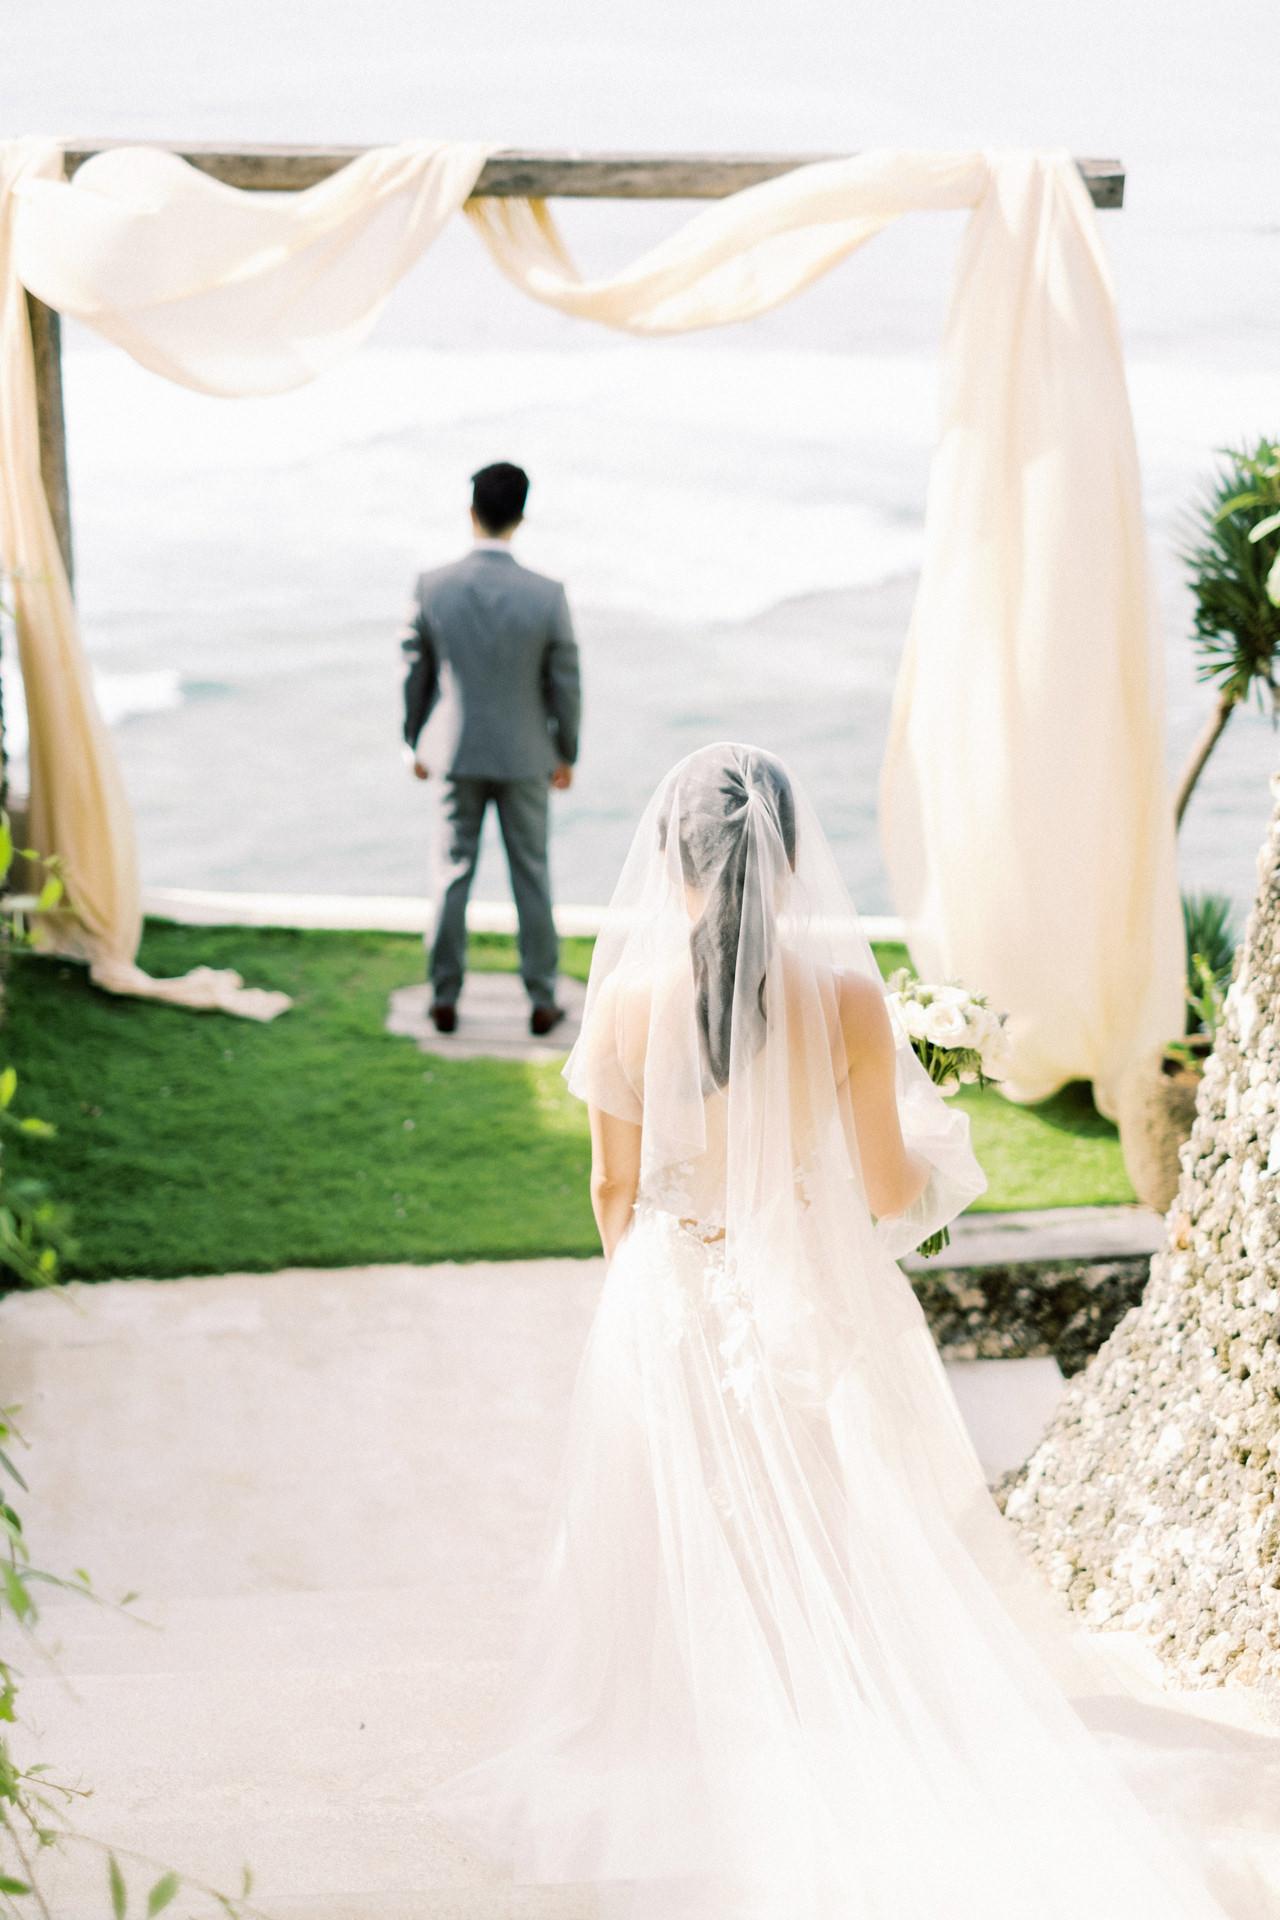 Real Wedding at Kamaya Bali 21